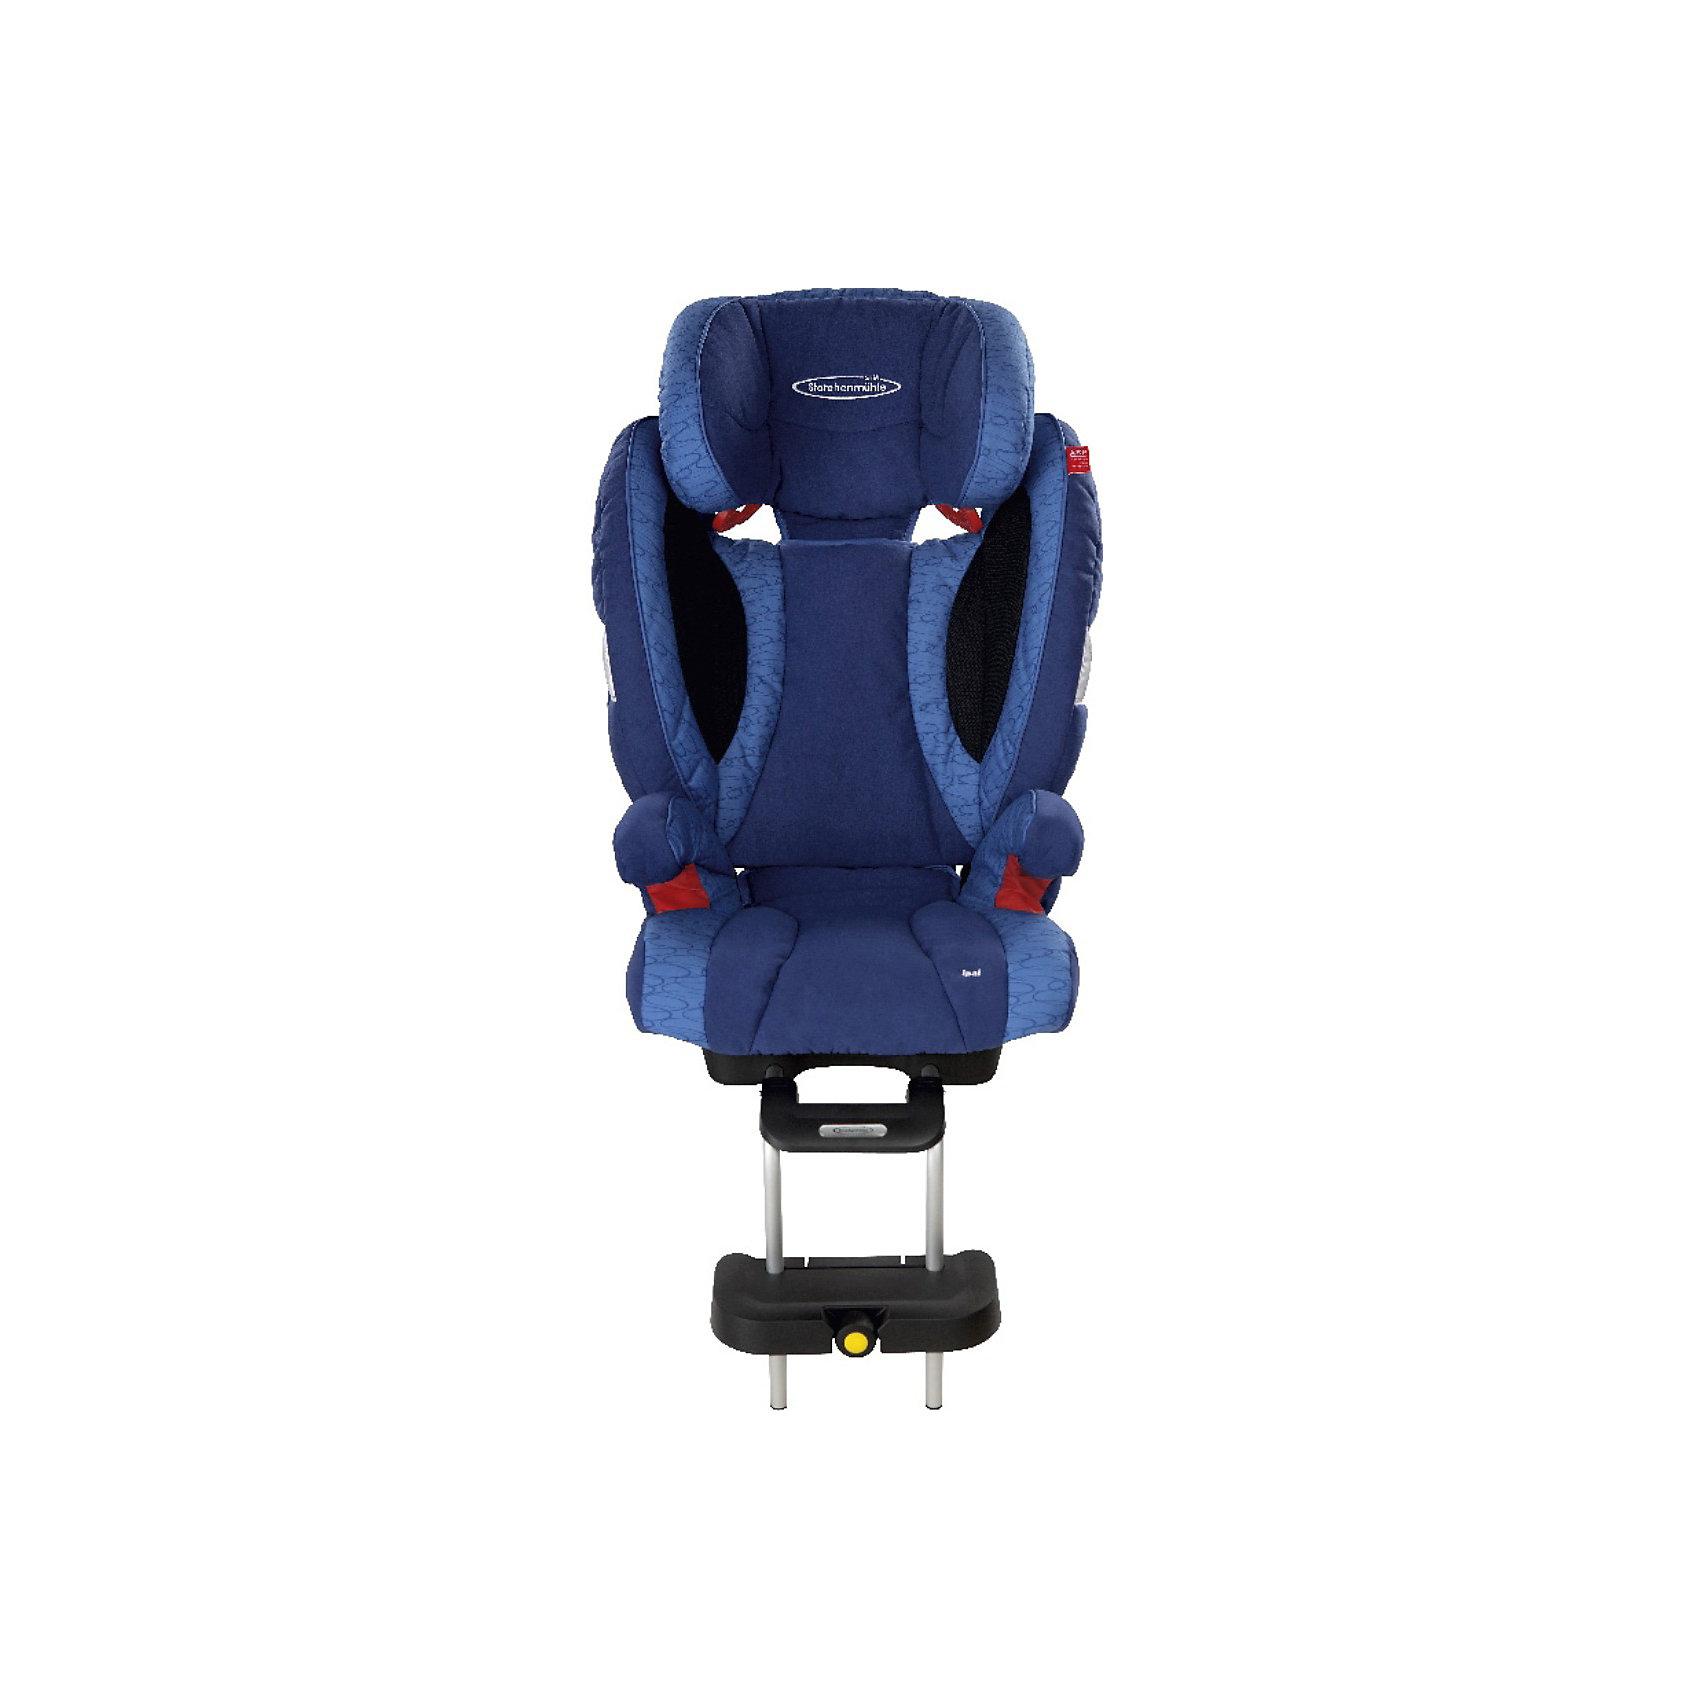 Подставка для ног к креслу Monza , STM, черный (Storchenmuhle)